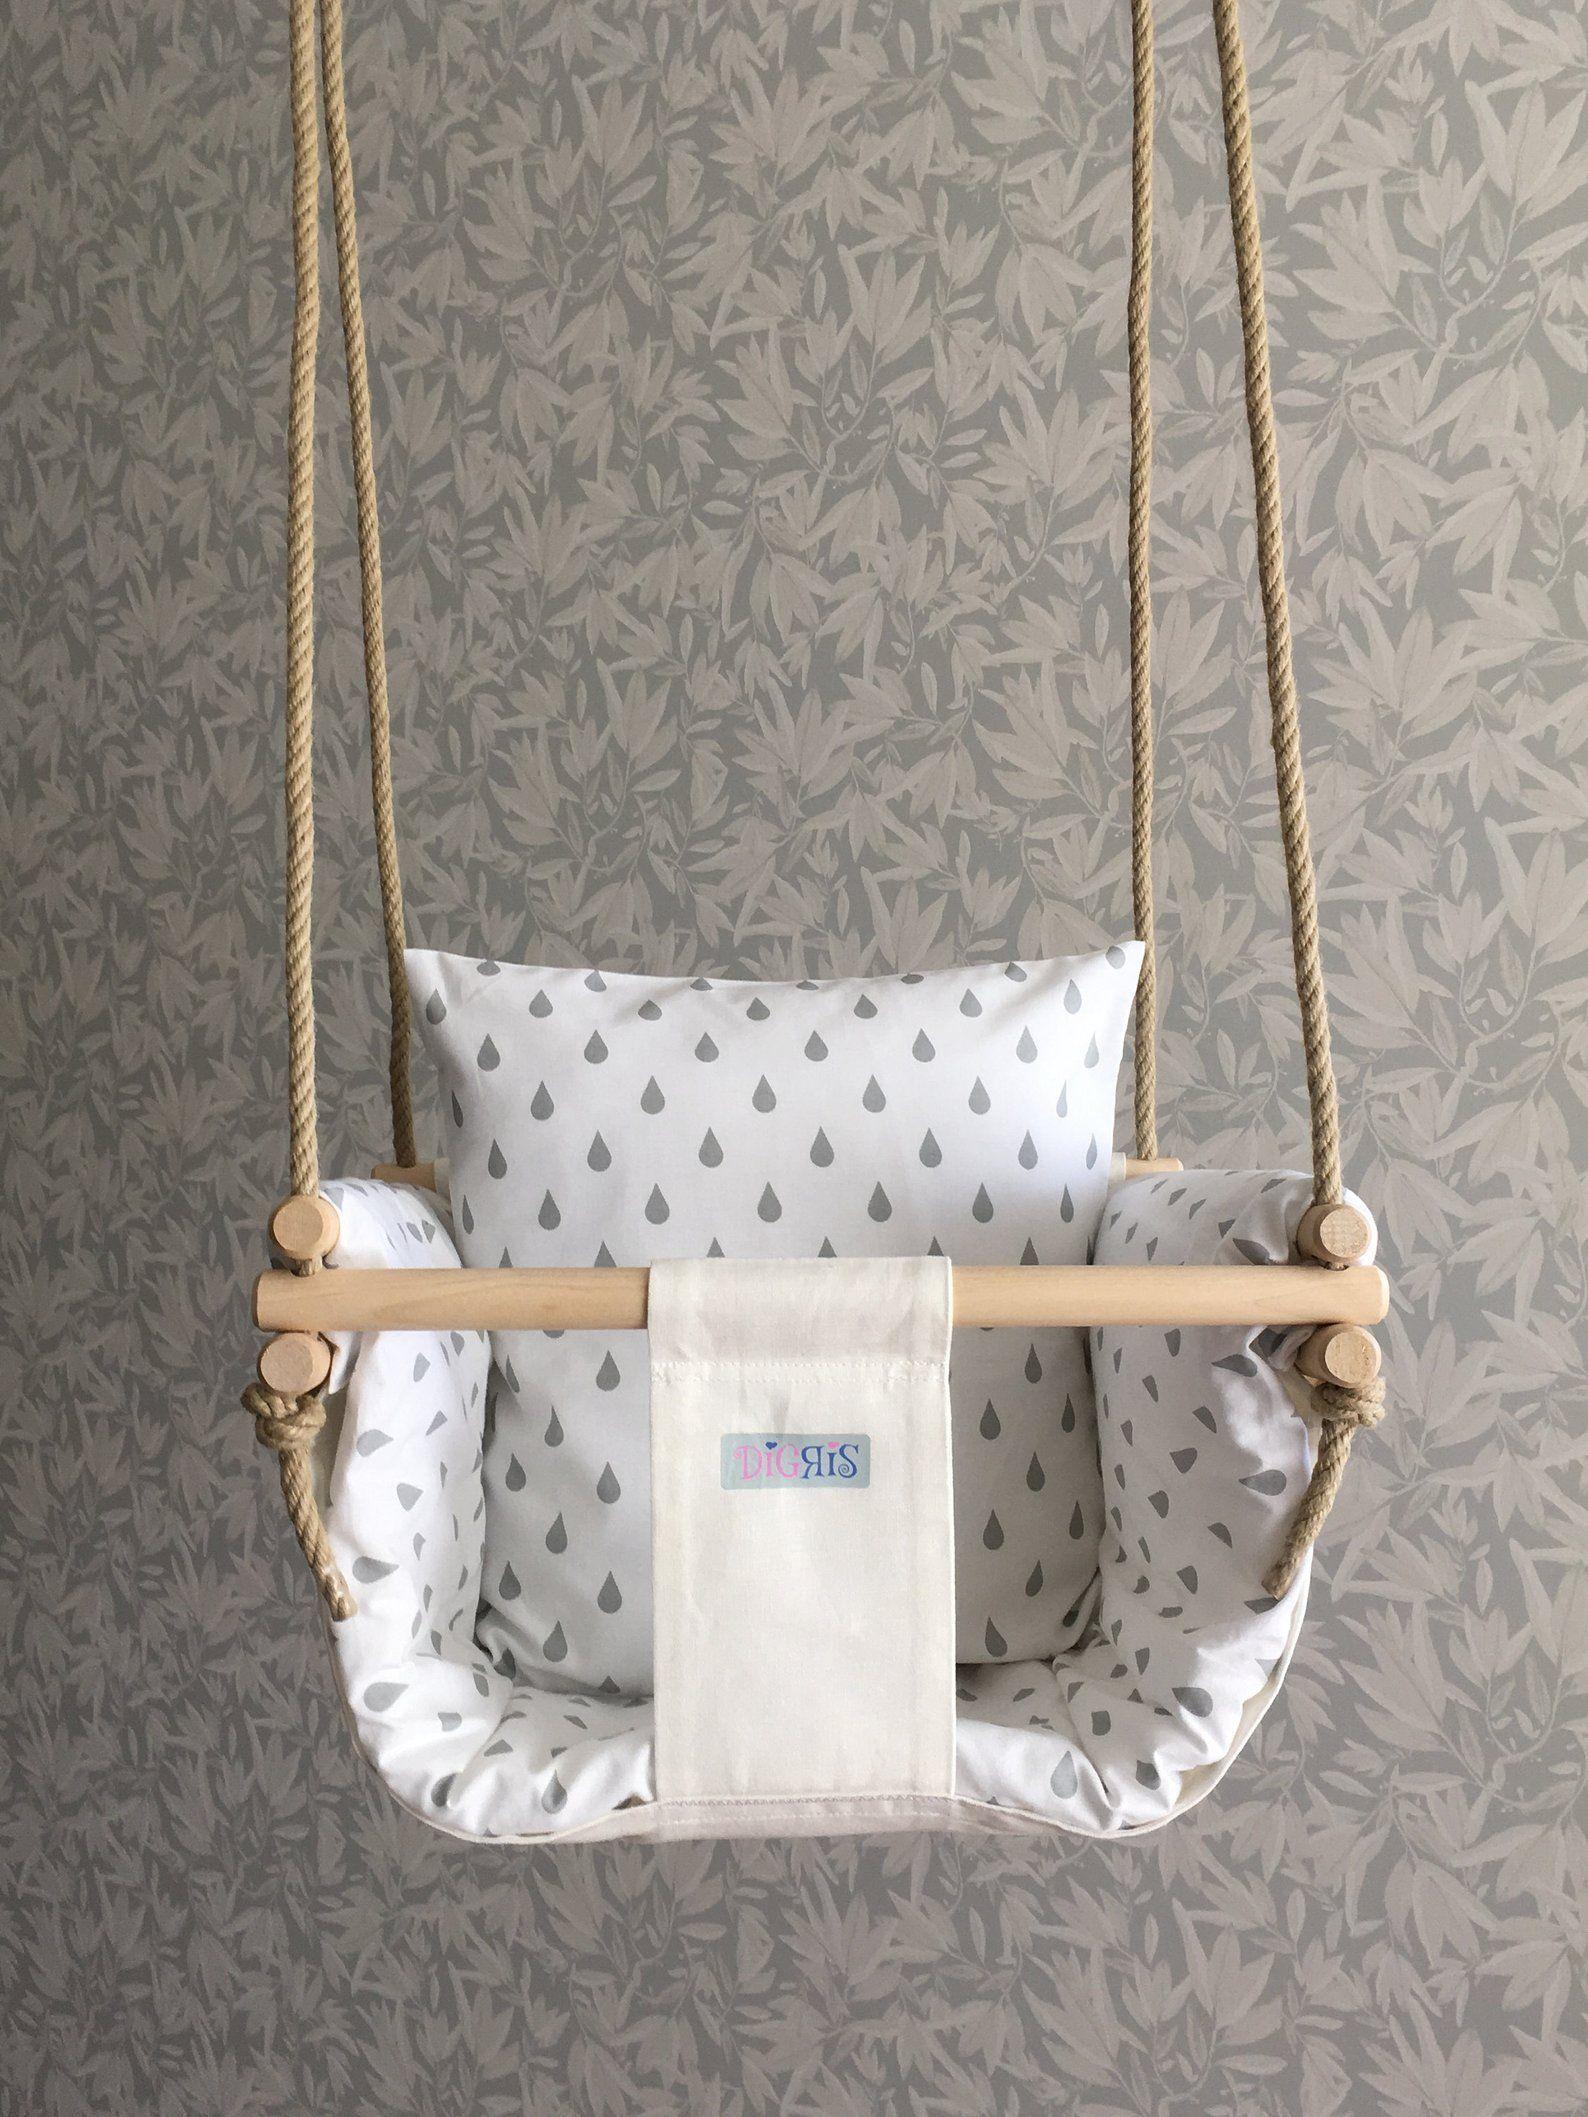 Baby Babytoddler Chair Decor Indoor Interior Nordic Scandinavian Set Style Swing Comfy Digris Baby Swing In 2020 Baby Swing Set Baby Swing Chair Baby Swings